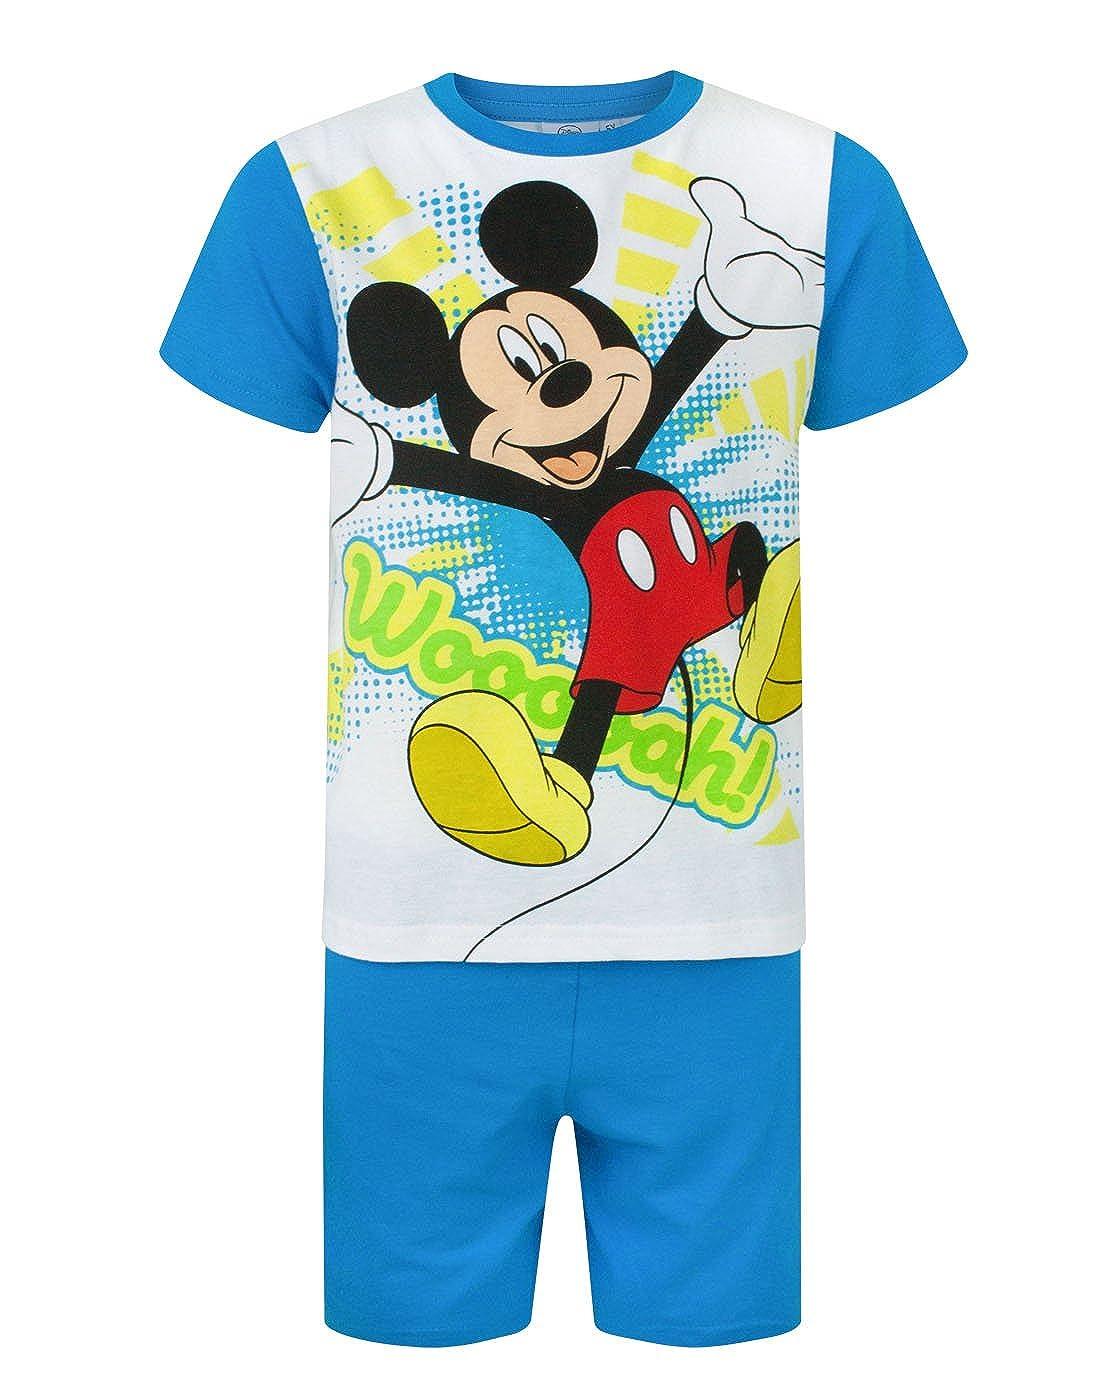 Mickey Mouse Woah Boys Pyjamas